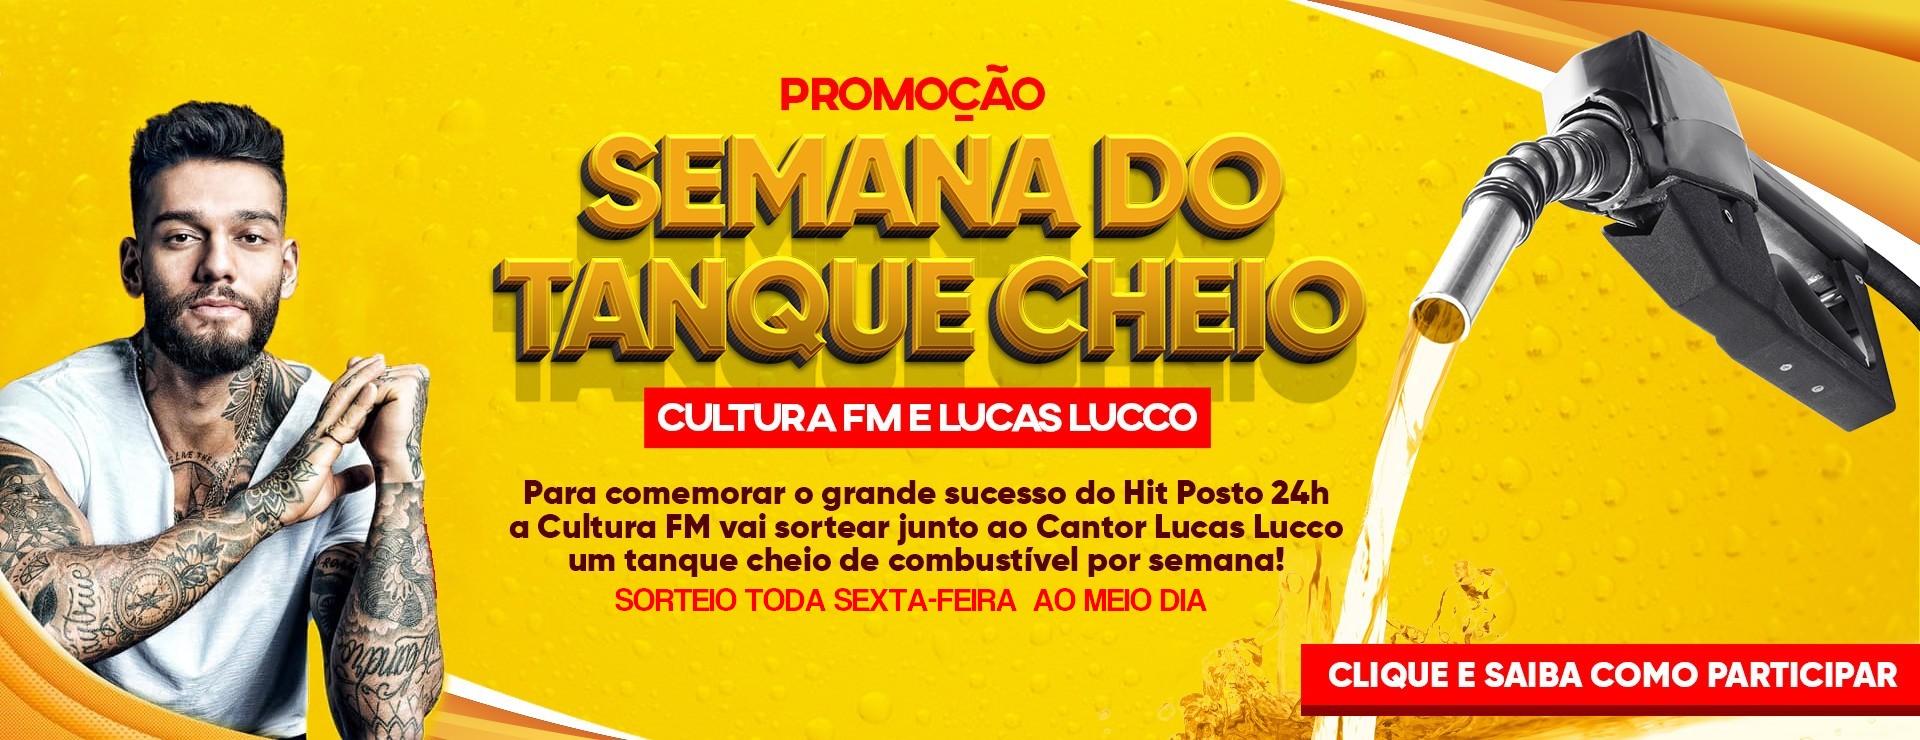 SEMANA DO TANQUE CHEIO CULTURA FM e LUCAS LUCCO